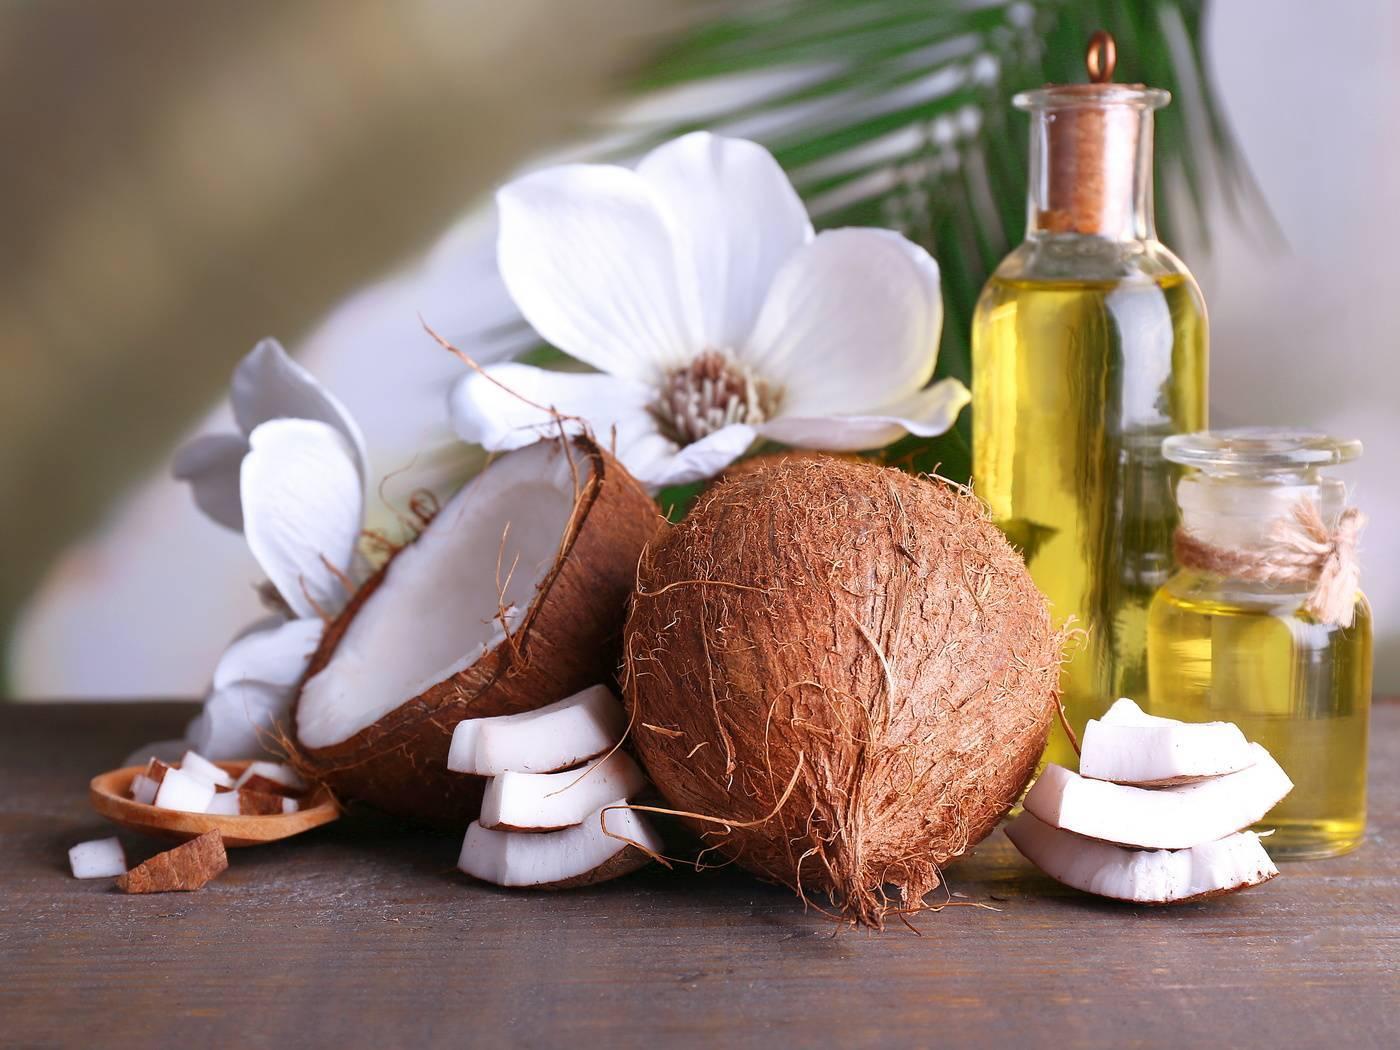 Приготовление кокосового масла. Как и из чего делают на производстве и дома?